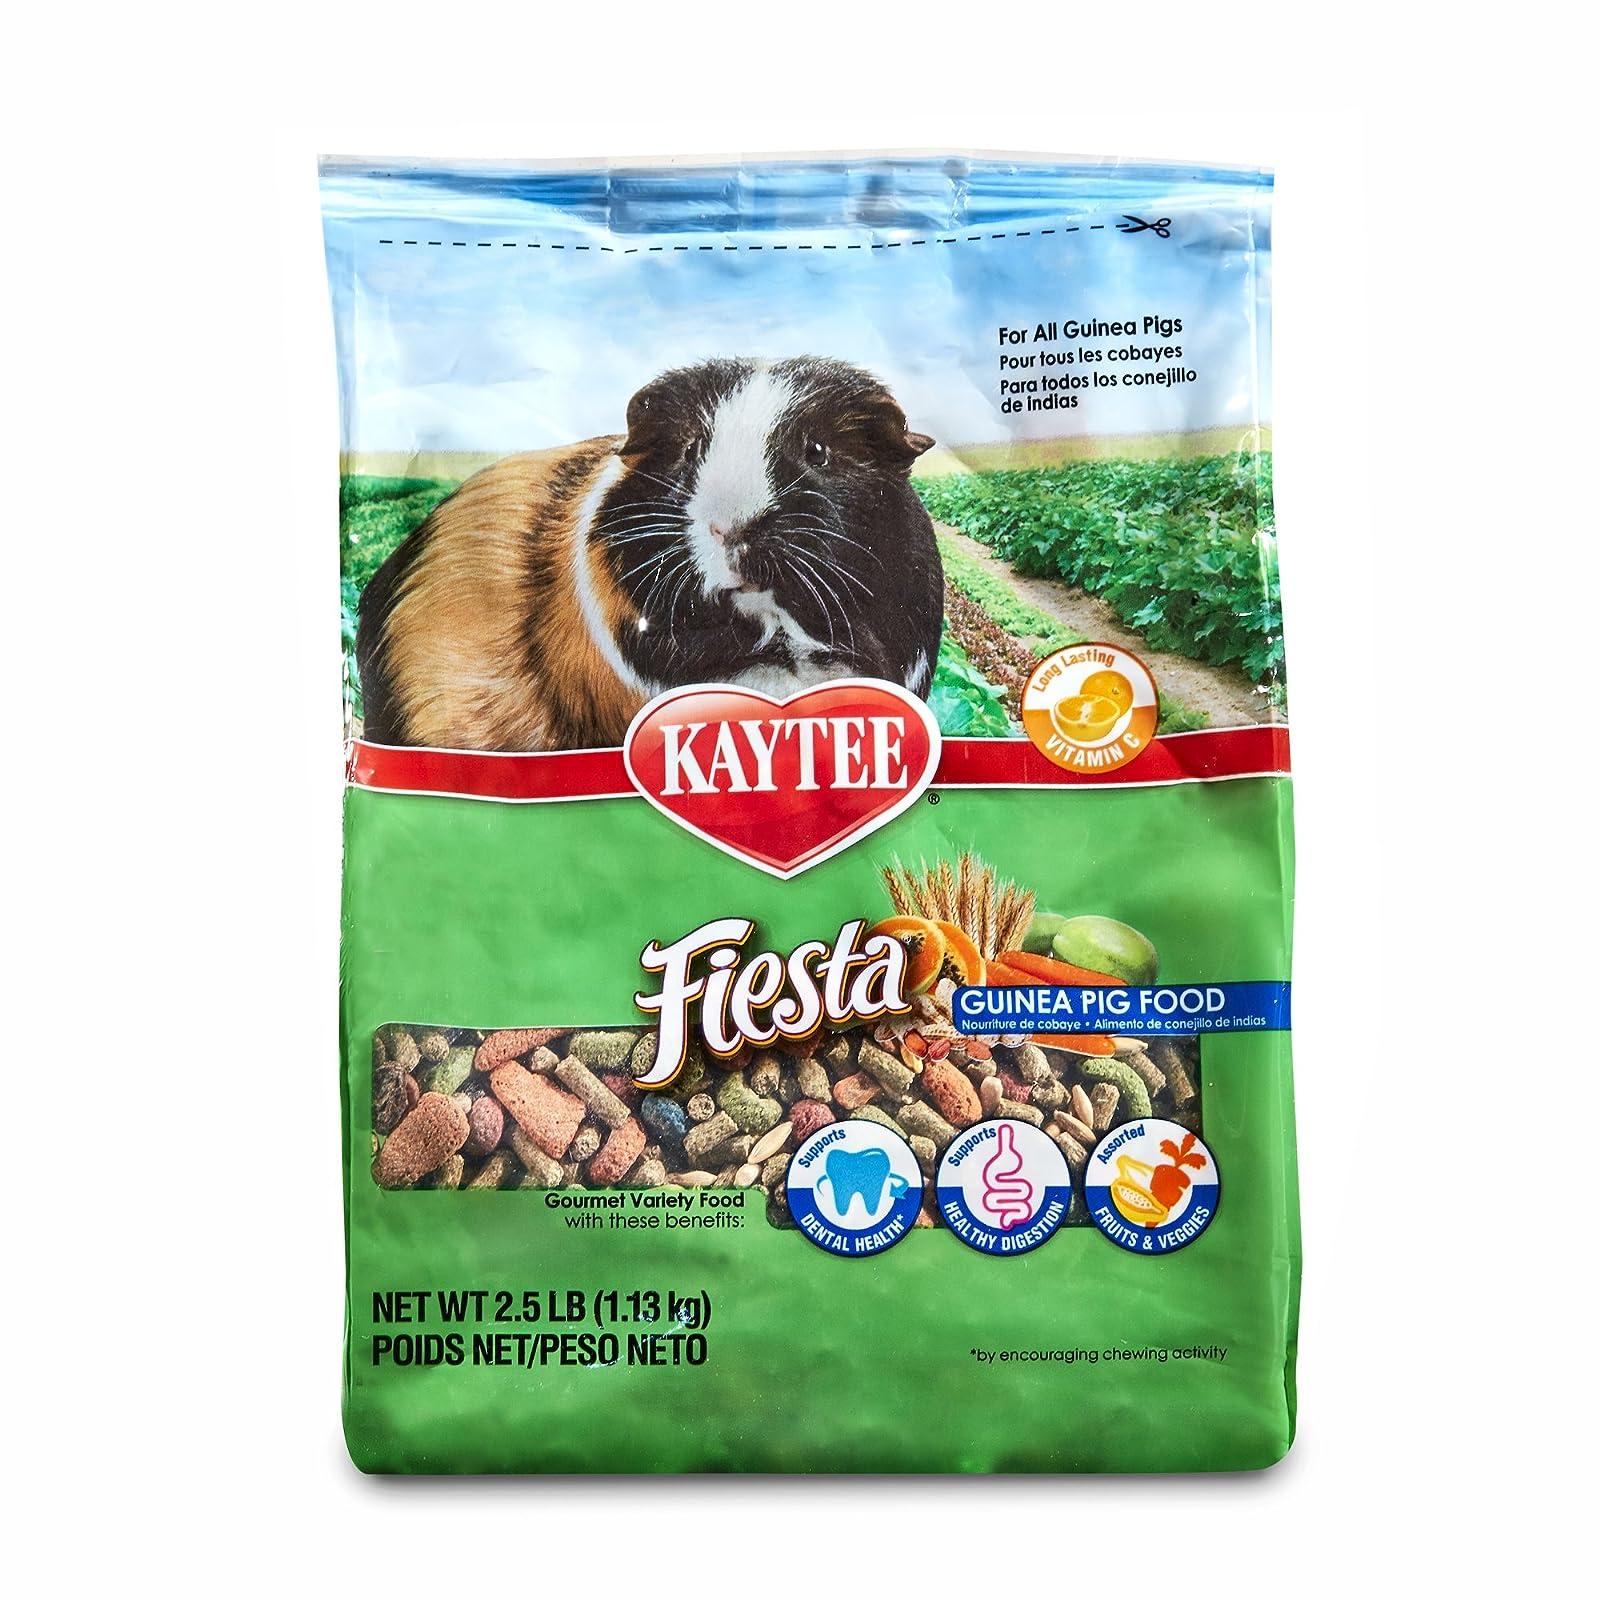 Kaytee Fiesta Guinea Pig Food 100032313 Browns - 1